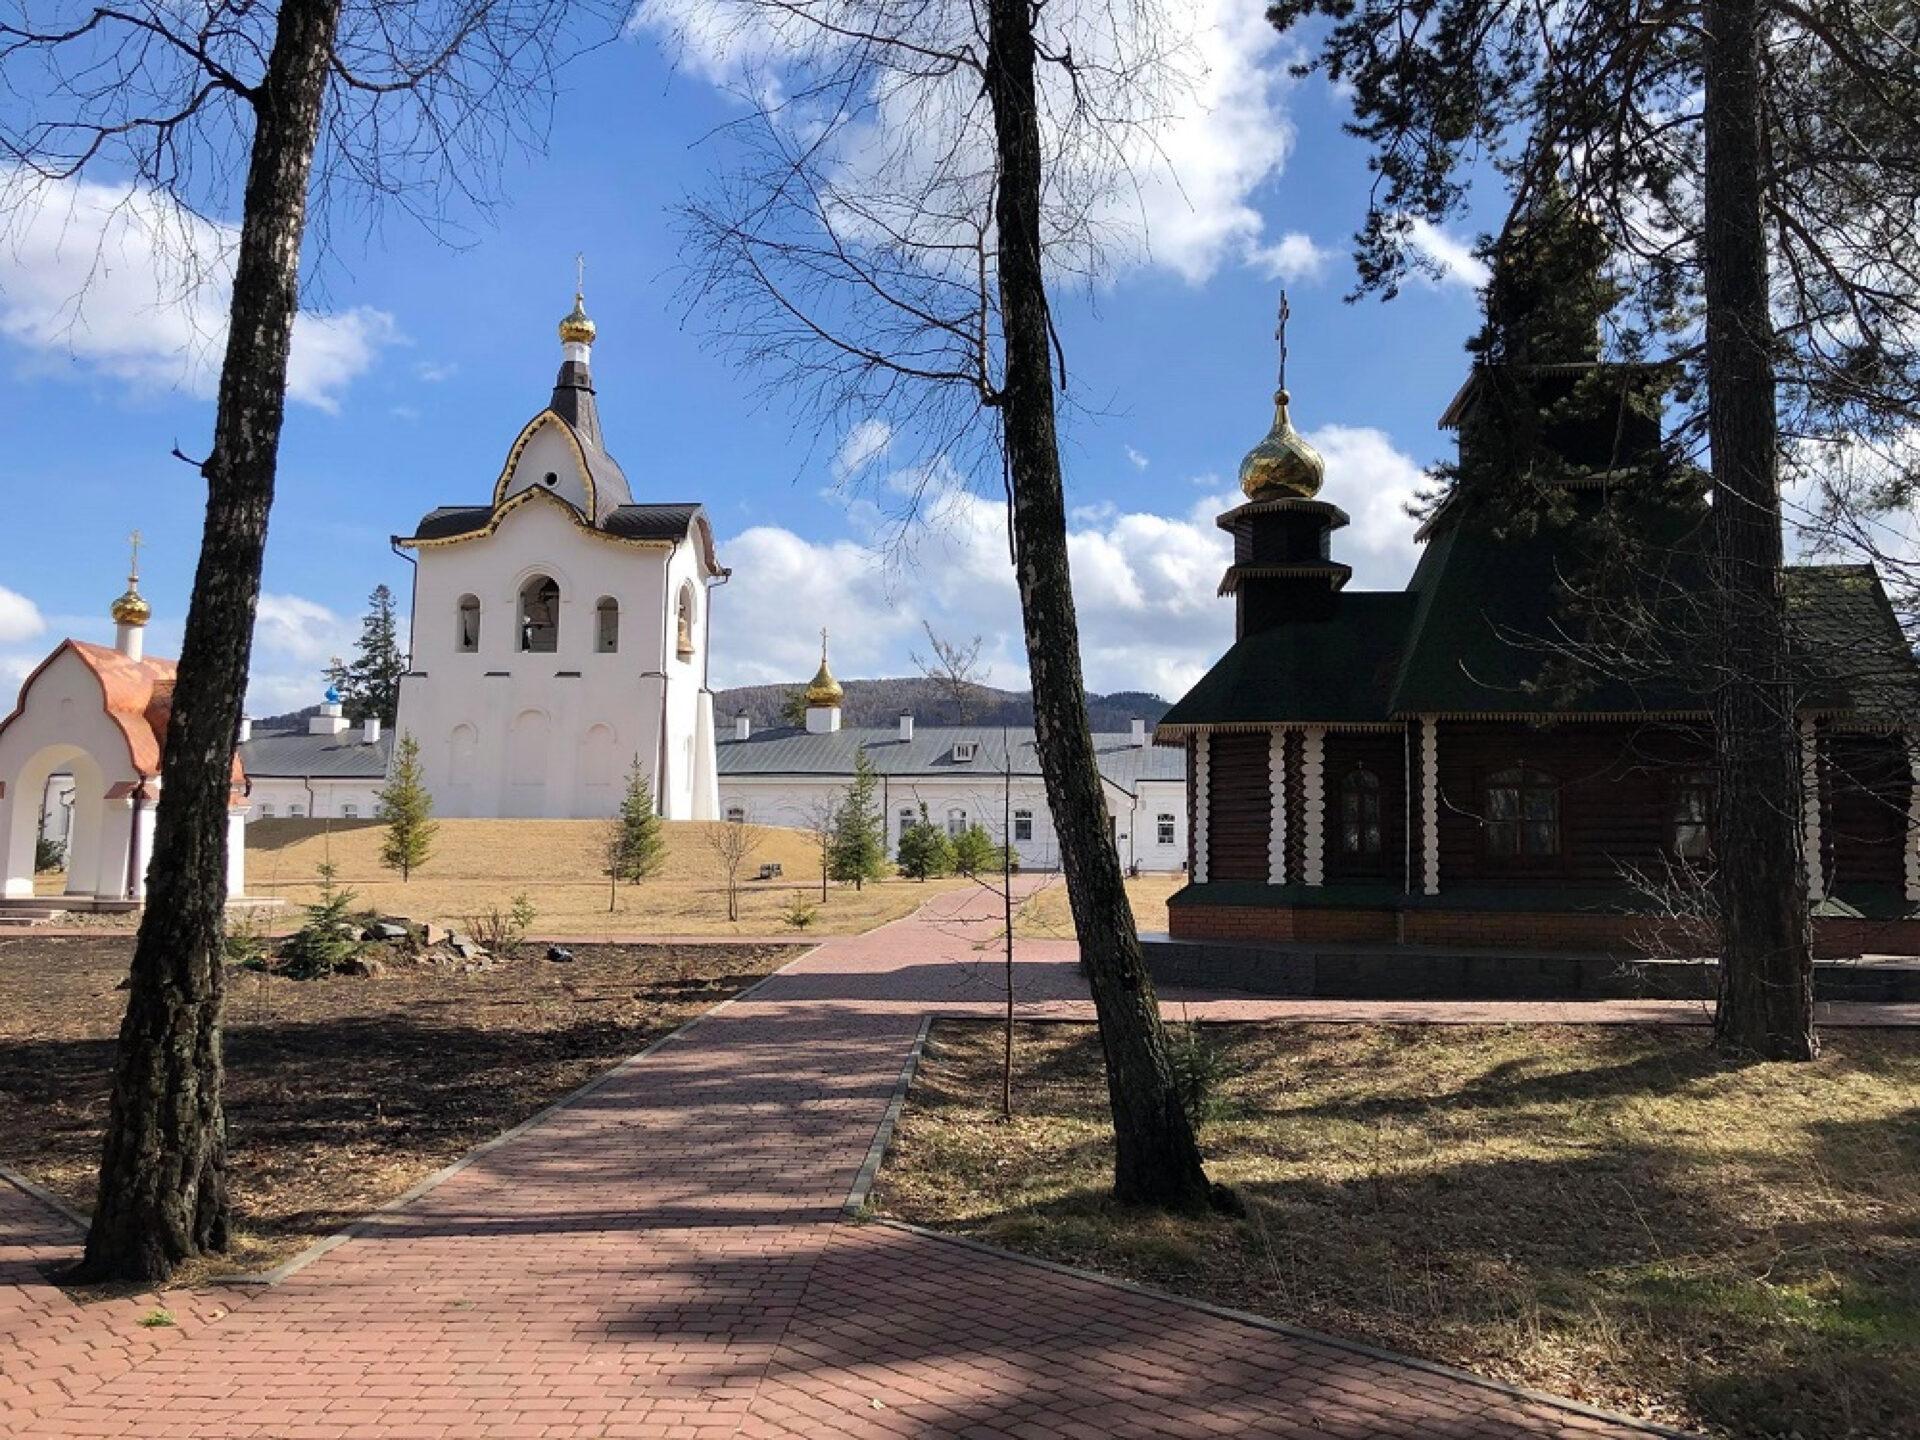 Прогулка потерритории Свято-Успенского монастыря вокрестностях Красноярска